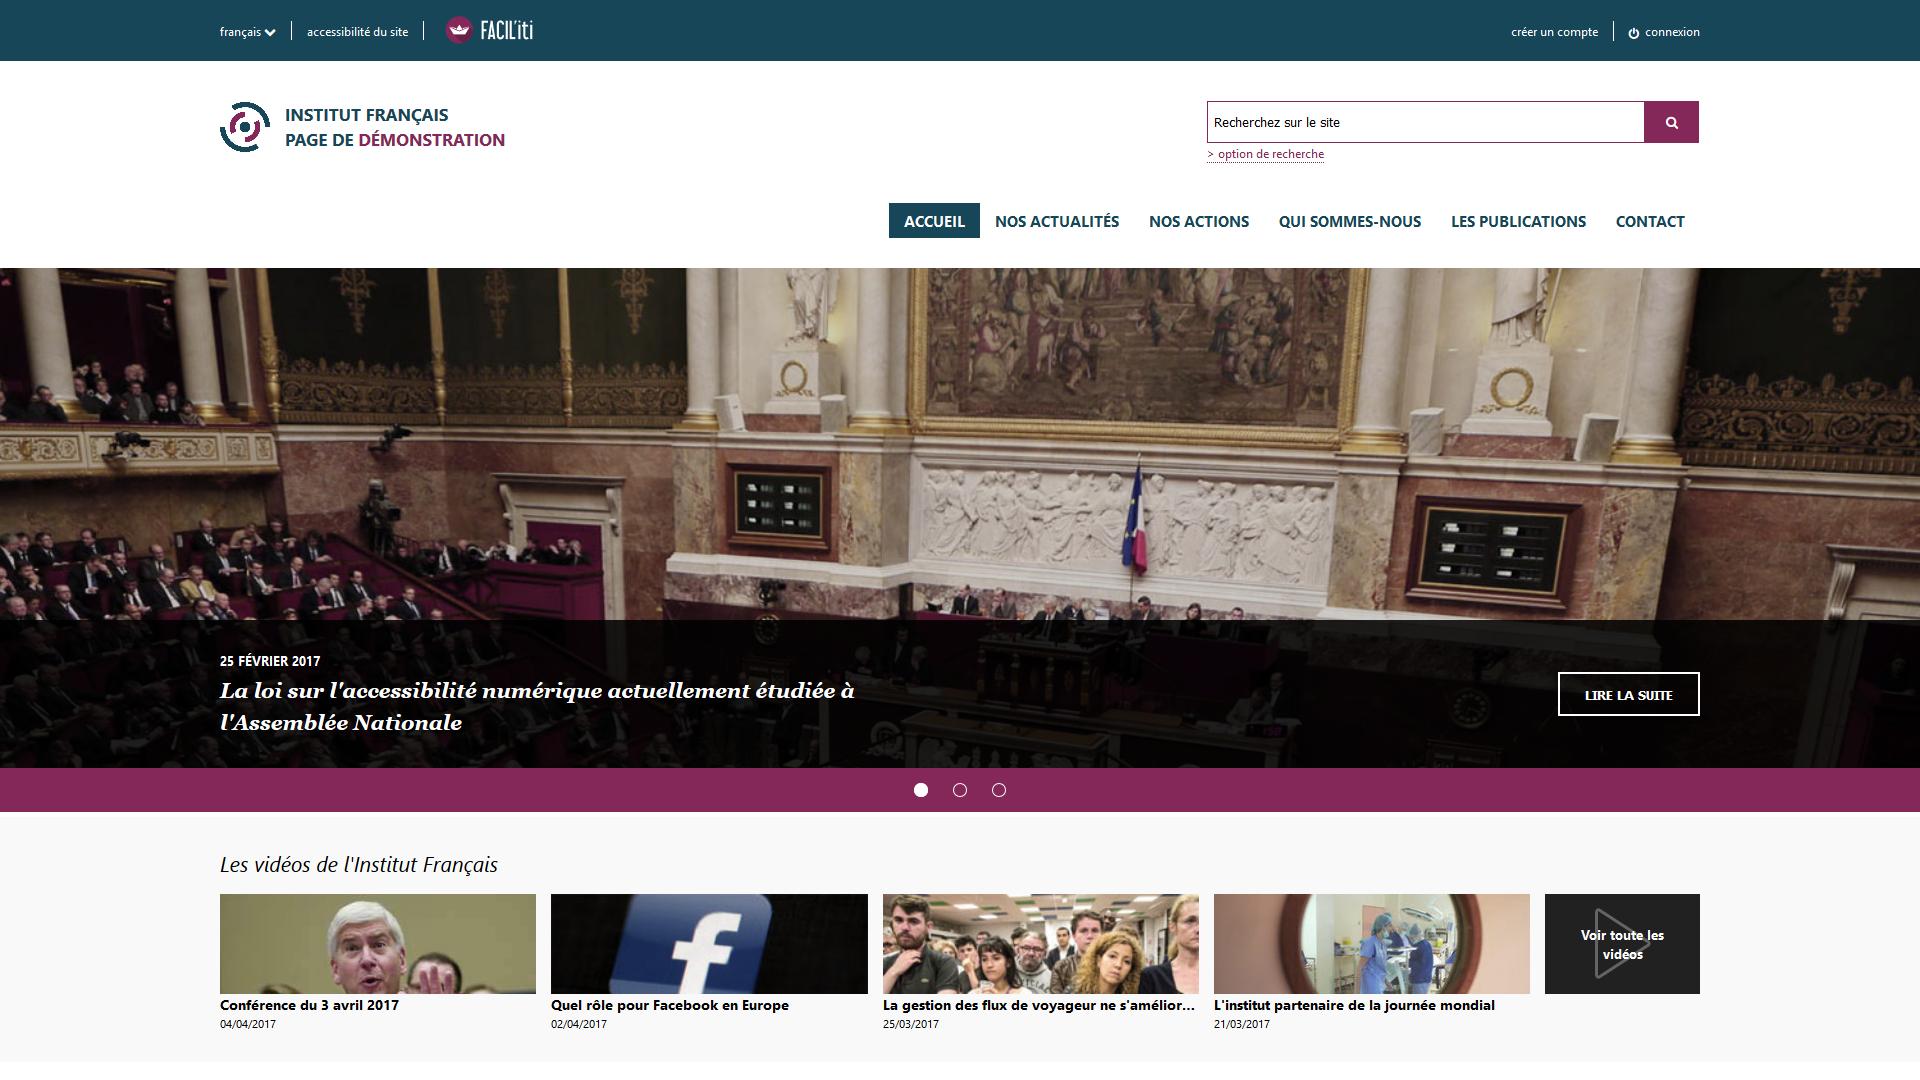 Une page d'accueil d'un site de démonstration avec FACIL'iti activé pour la pathologie Deuteranopie